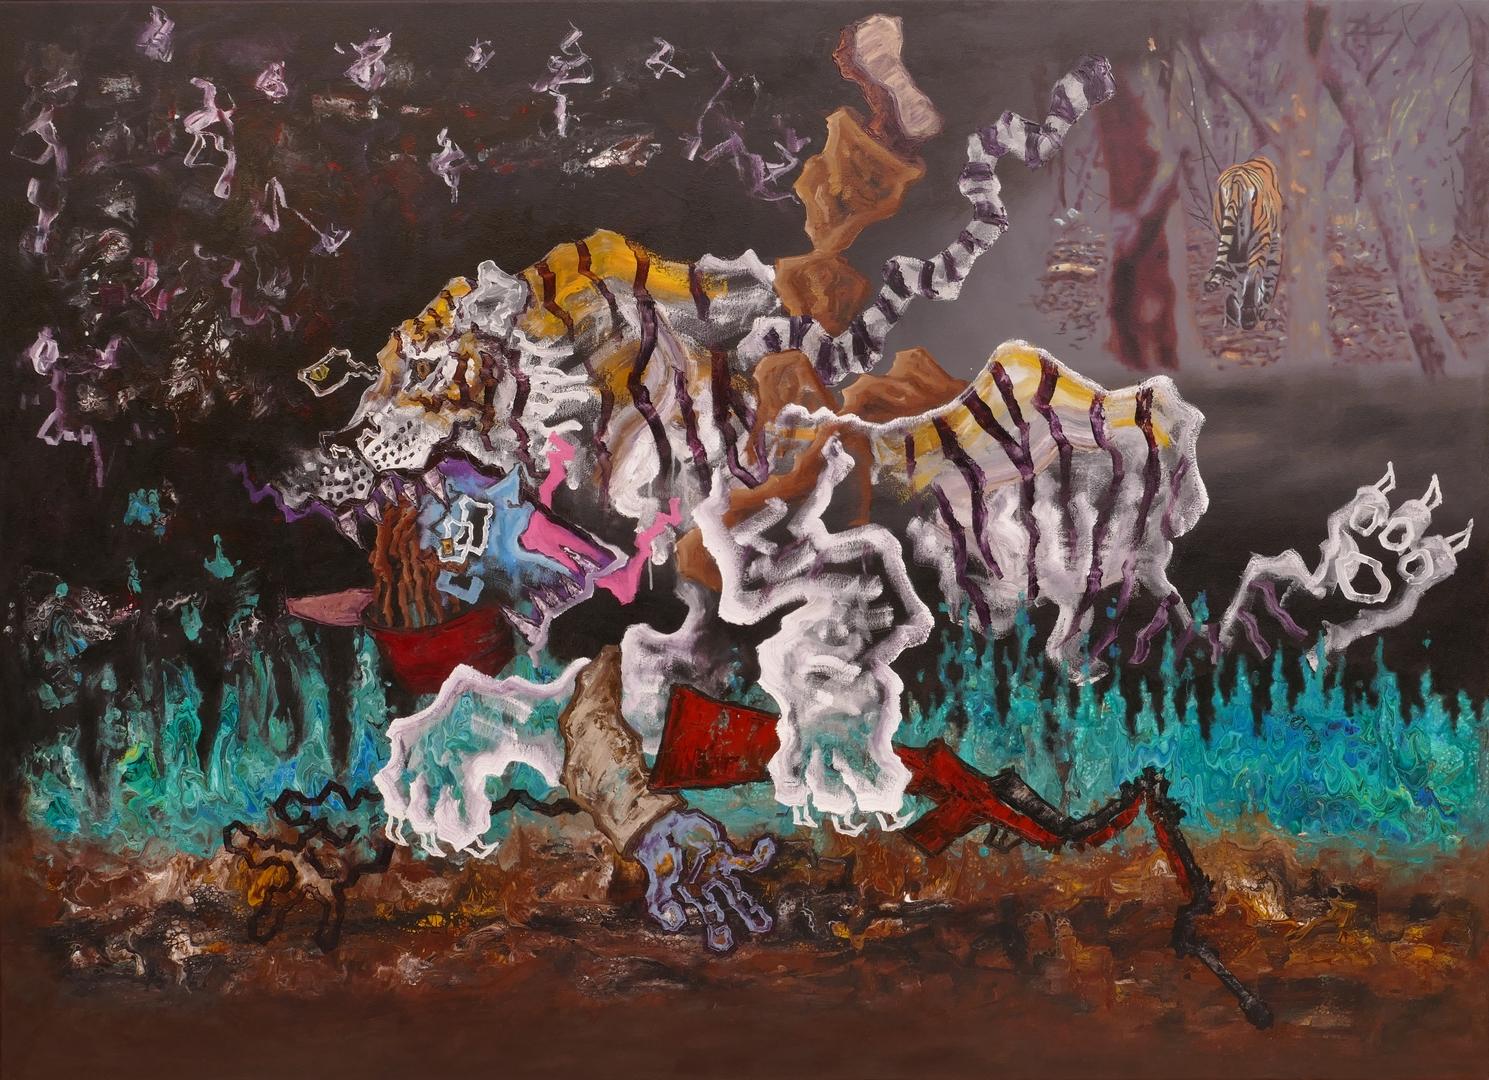 B,Tigerjagd,Acryl,Öl,130x180cm,2019